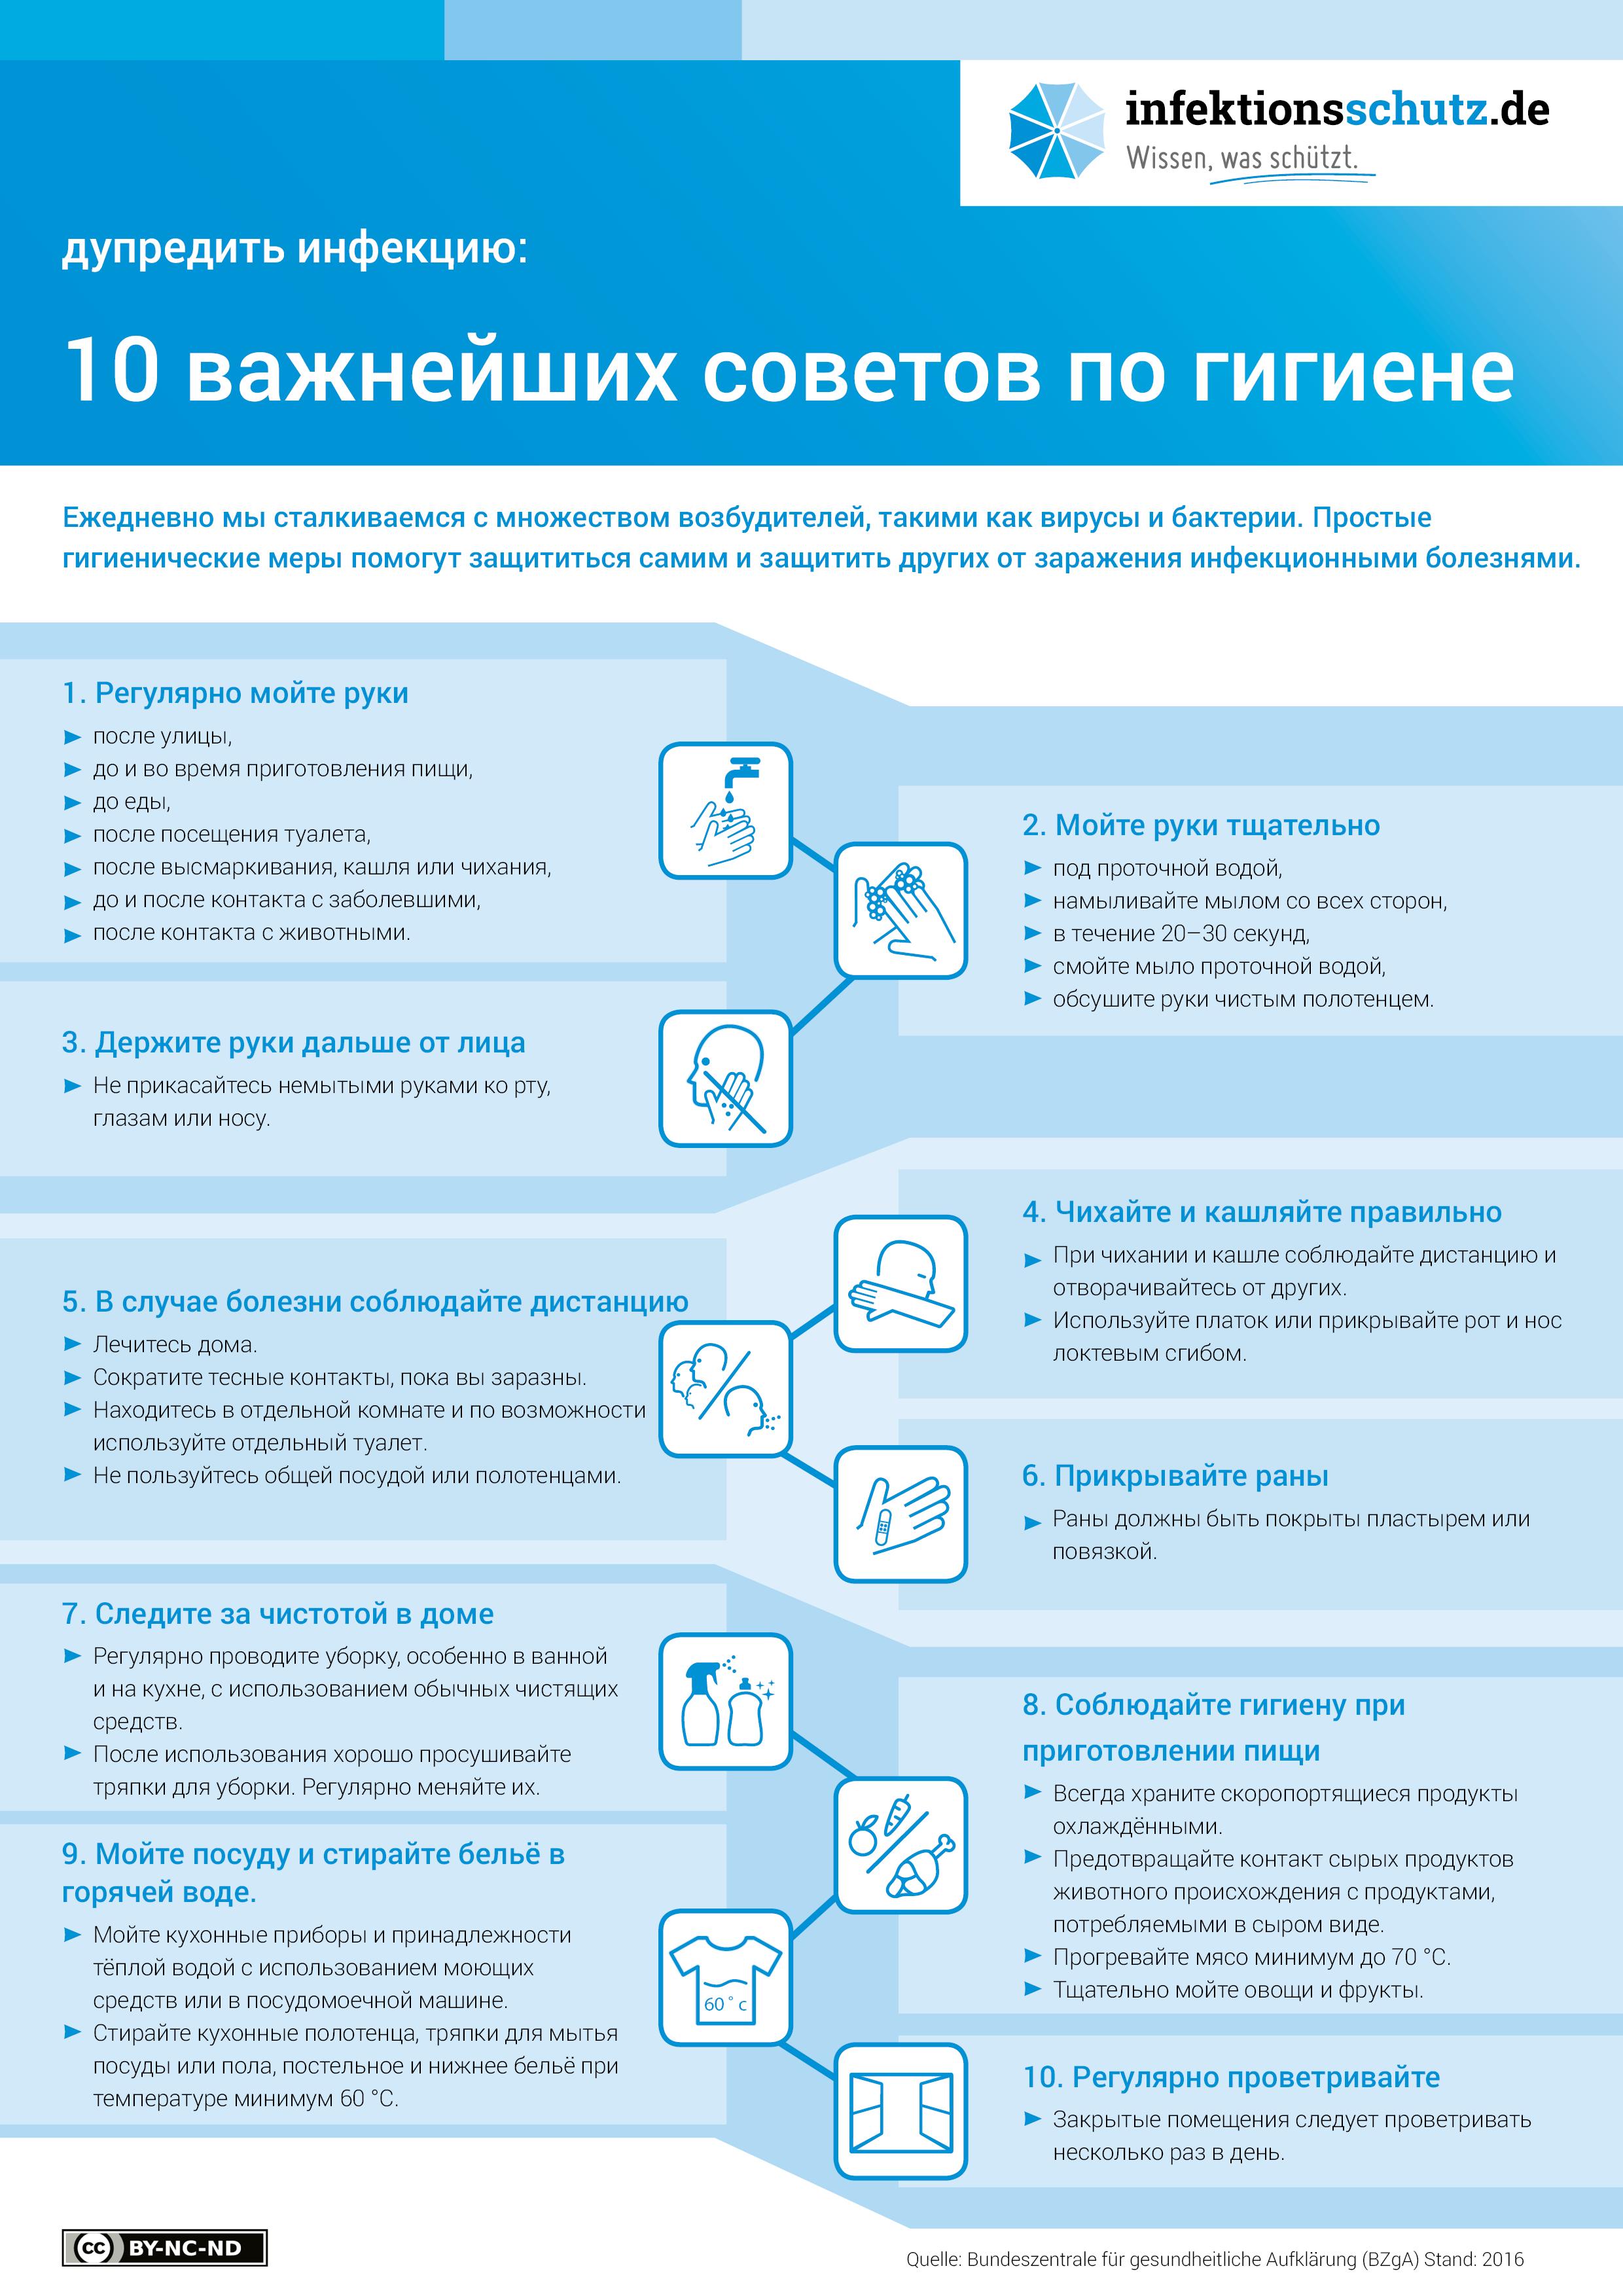 A4_Plakat_10_Hygienetipps_RU_300dpi_1.png